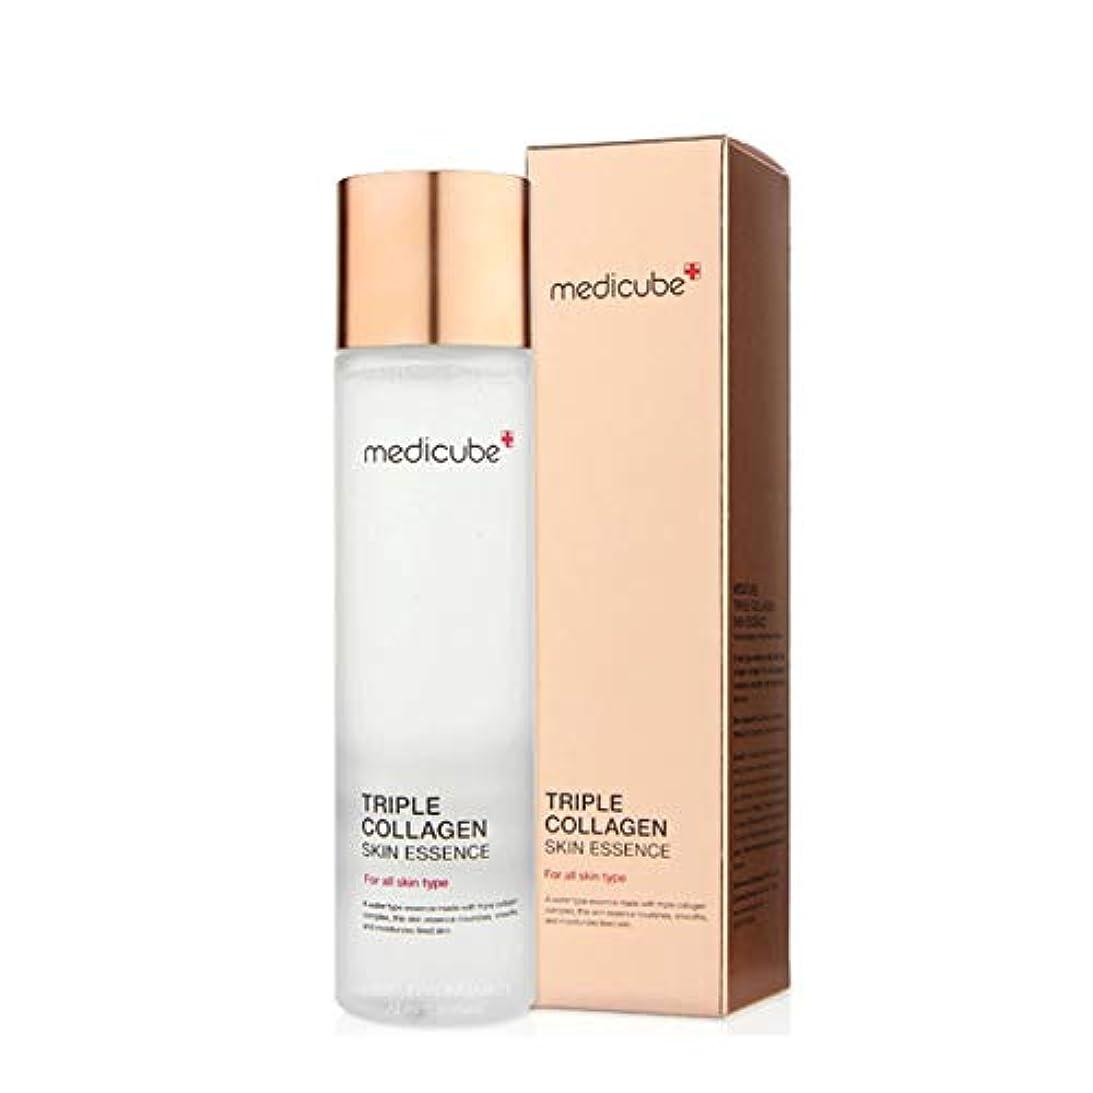 うめき声特別に一時的メディキューブトリプルコラーゲンスキンエッセンス140ml 韓国コスメ、Medicube Triple Collagen Skin Essence 140ml Korean Cosmetics [並行輸入品]